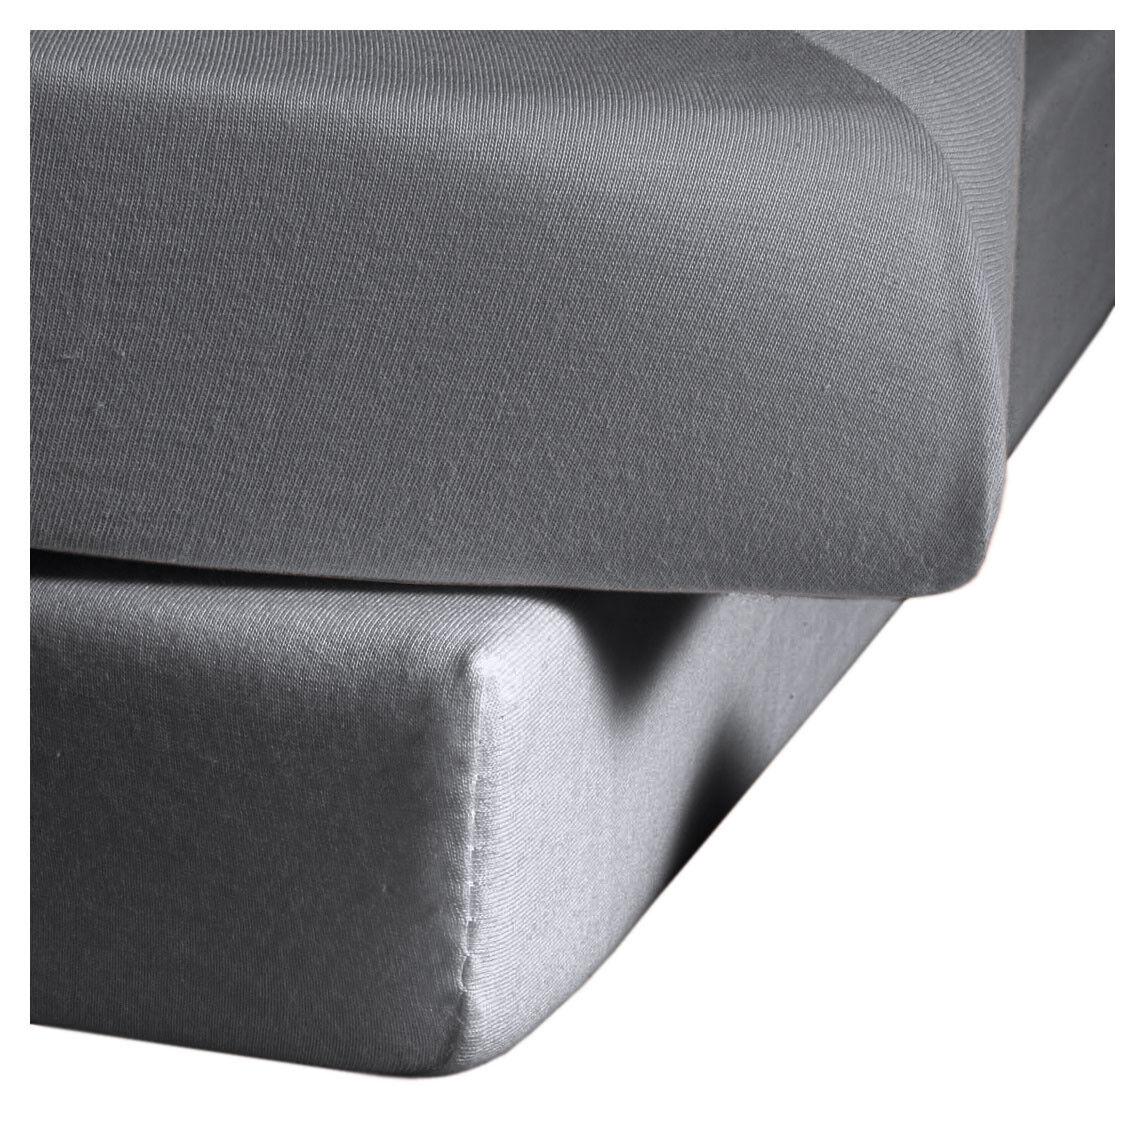 Fleuresse Spannbettlaken Comfort für Matratzenhöhe bis 26 cm geeignet